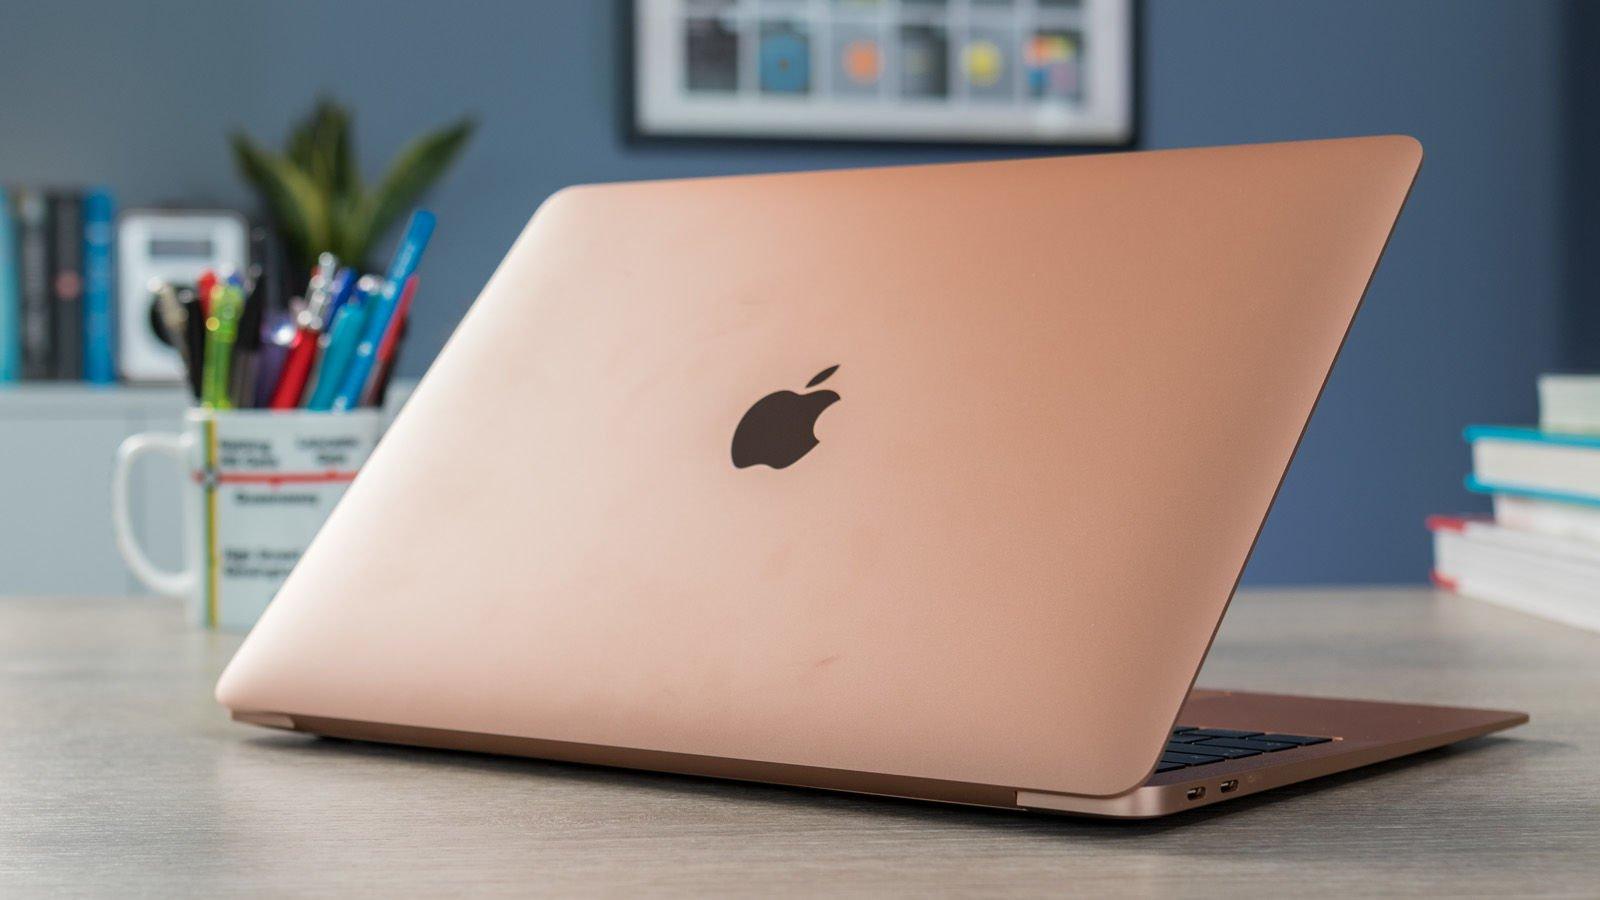 Cách thiết kế quạt tản nhiệt kỳ lạ của Apple đã khiến nhiều MacBook Air bị đột tử?